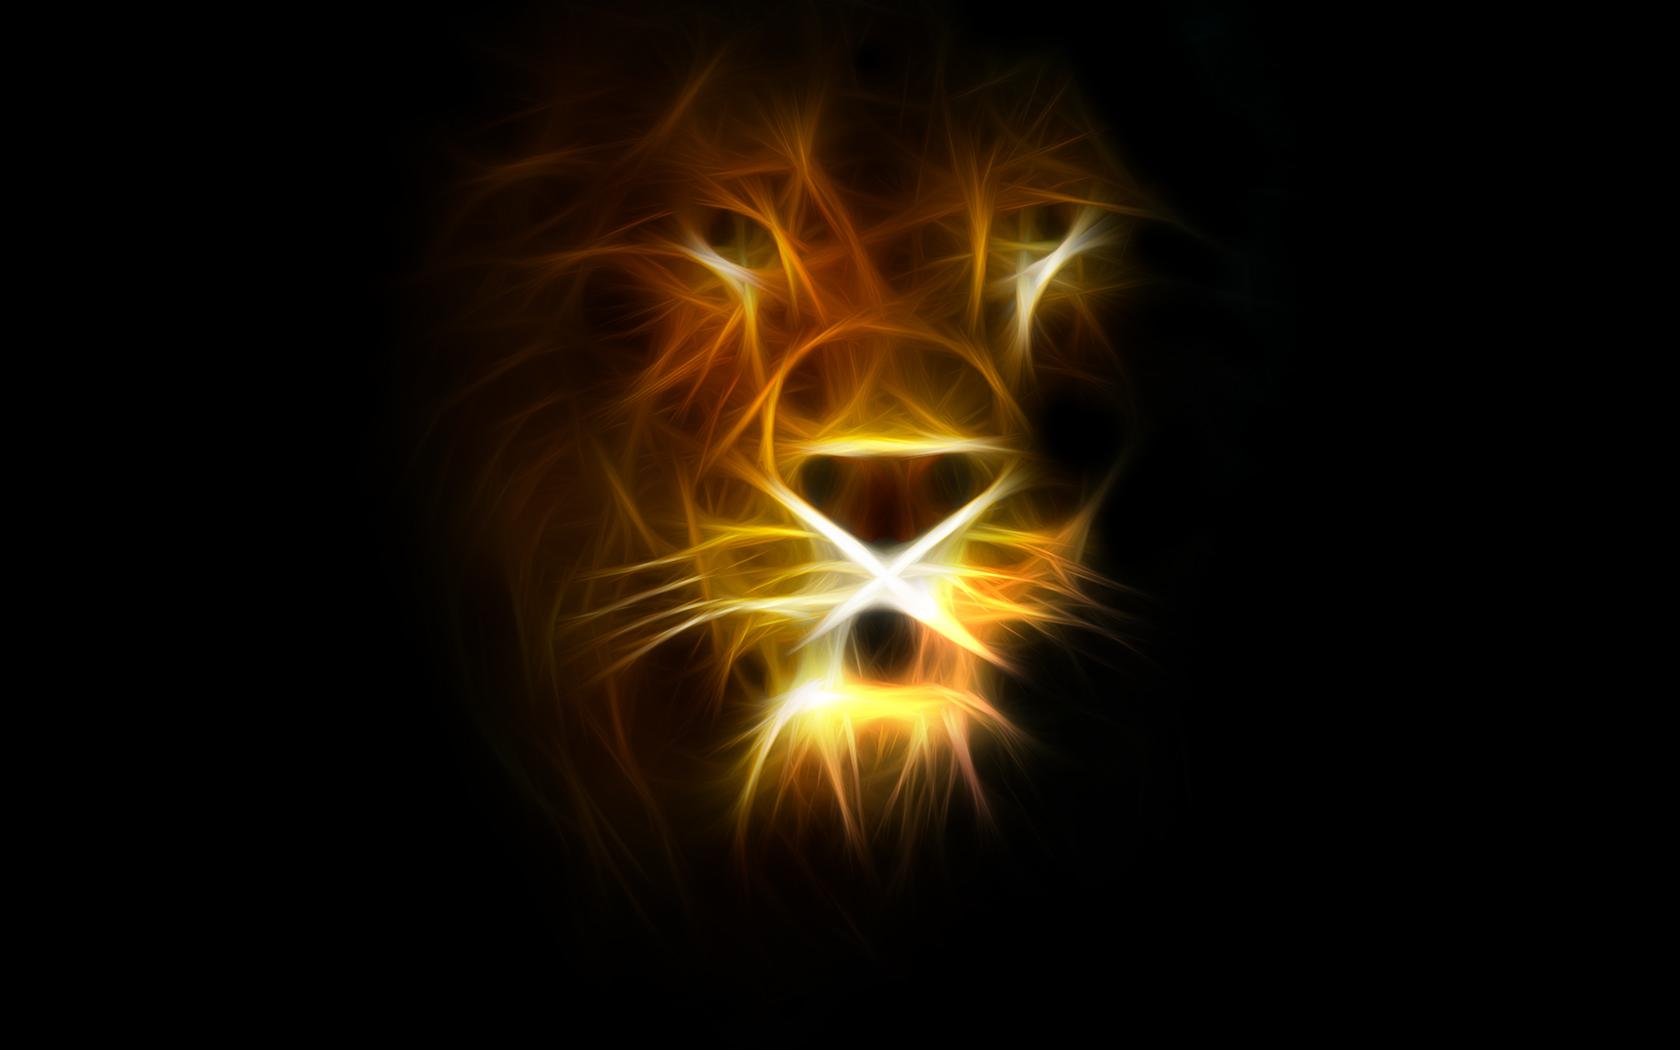 светящийся лев, обои на рабочий стол, lion